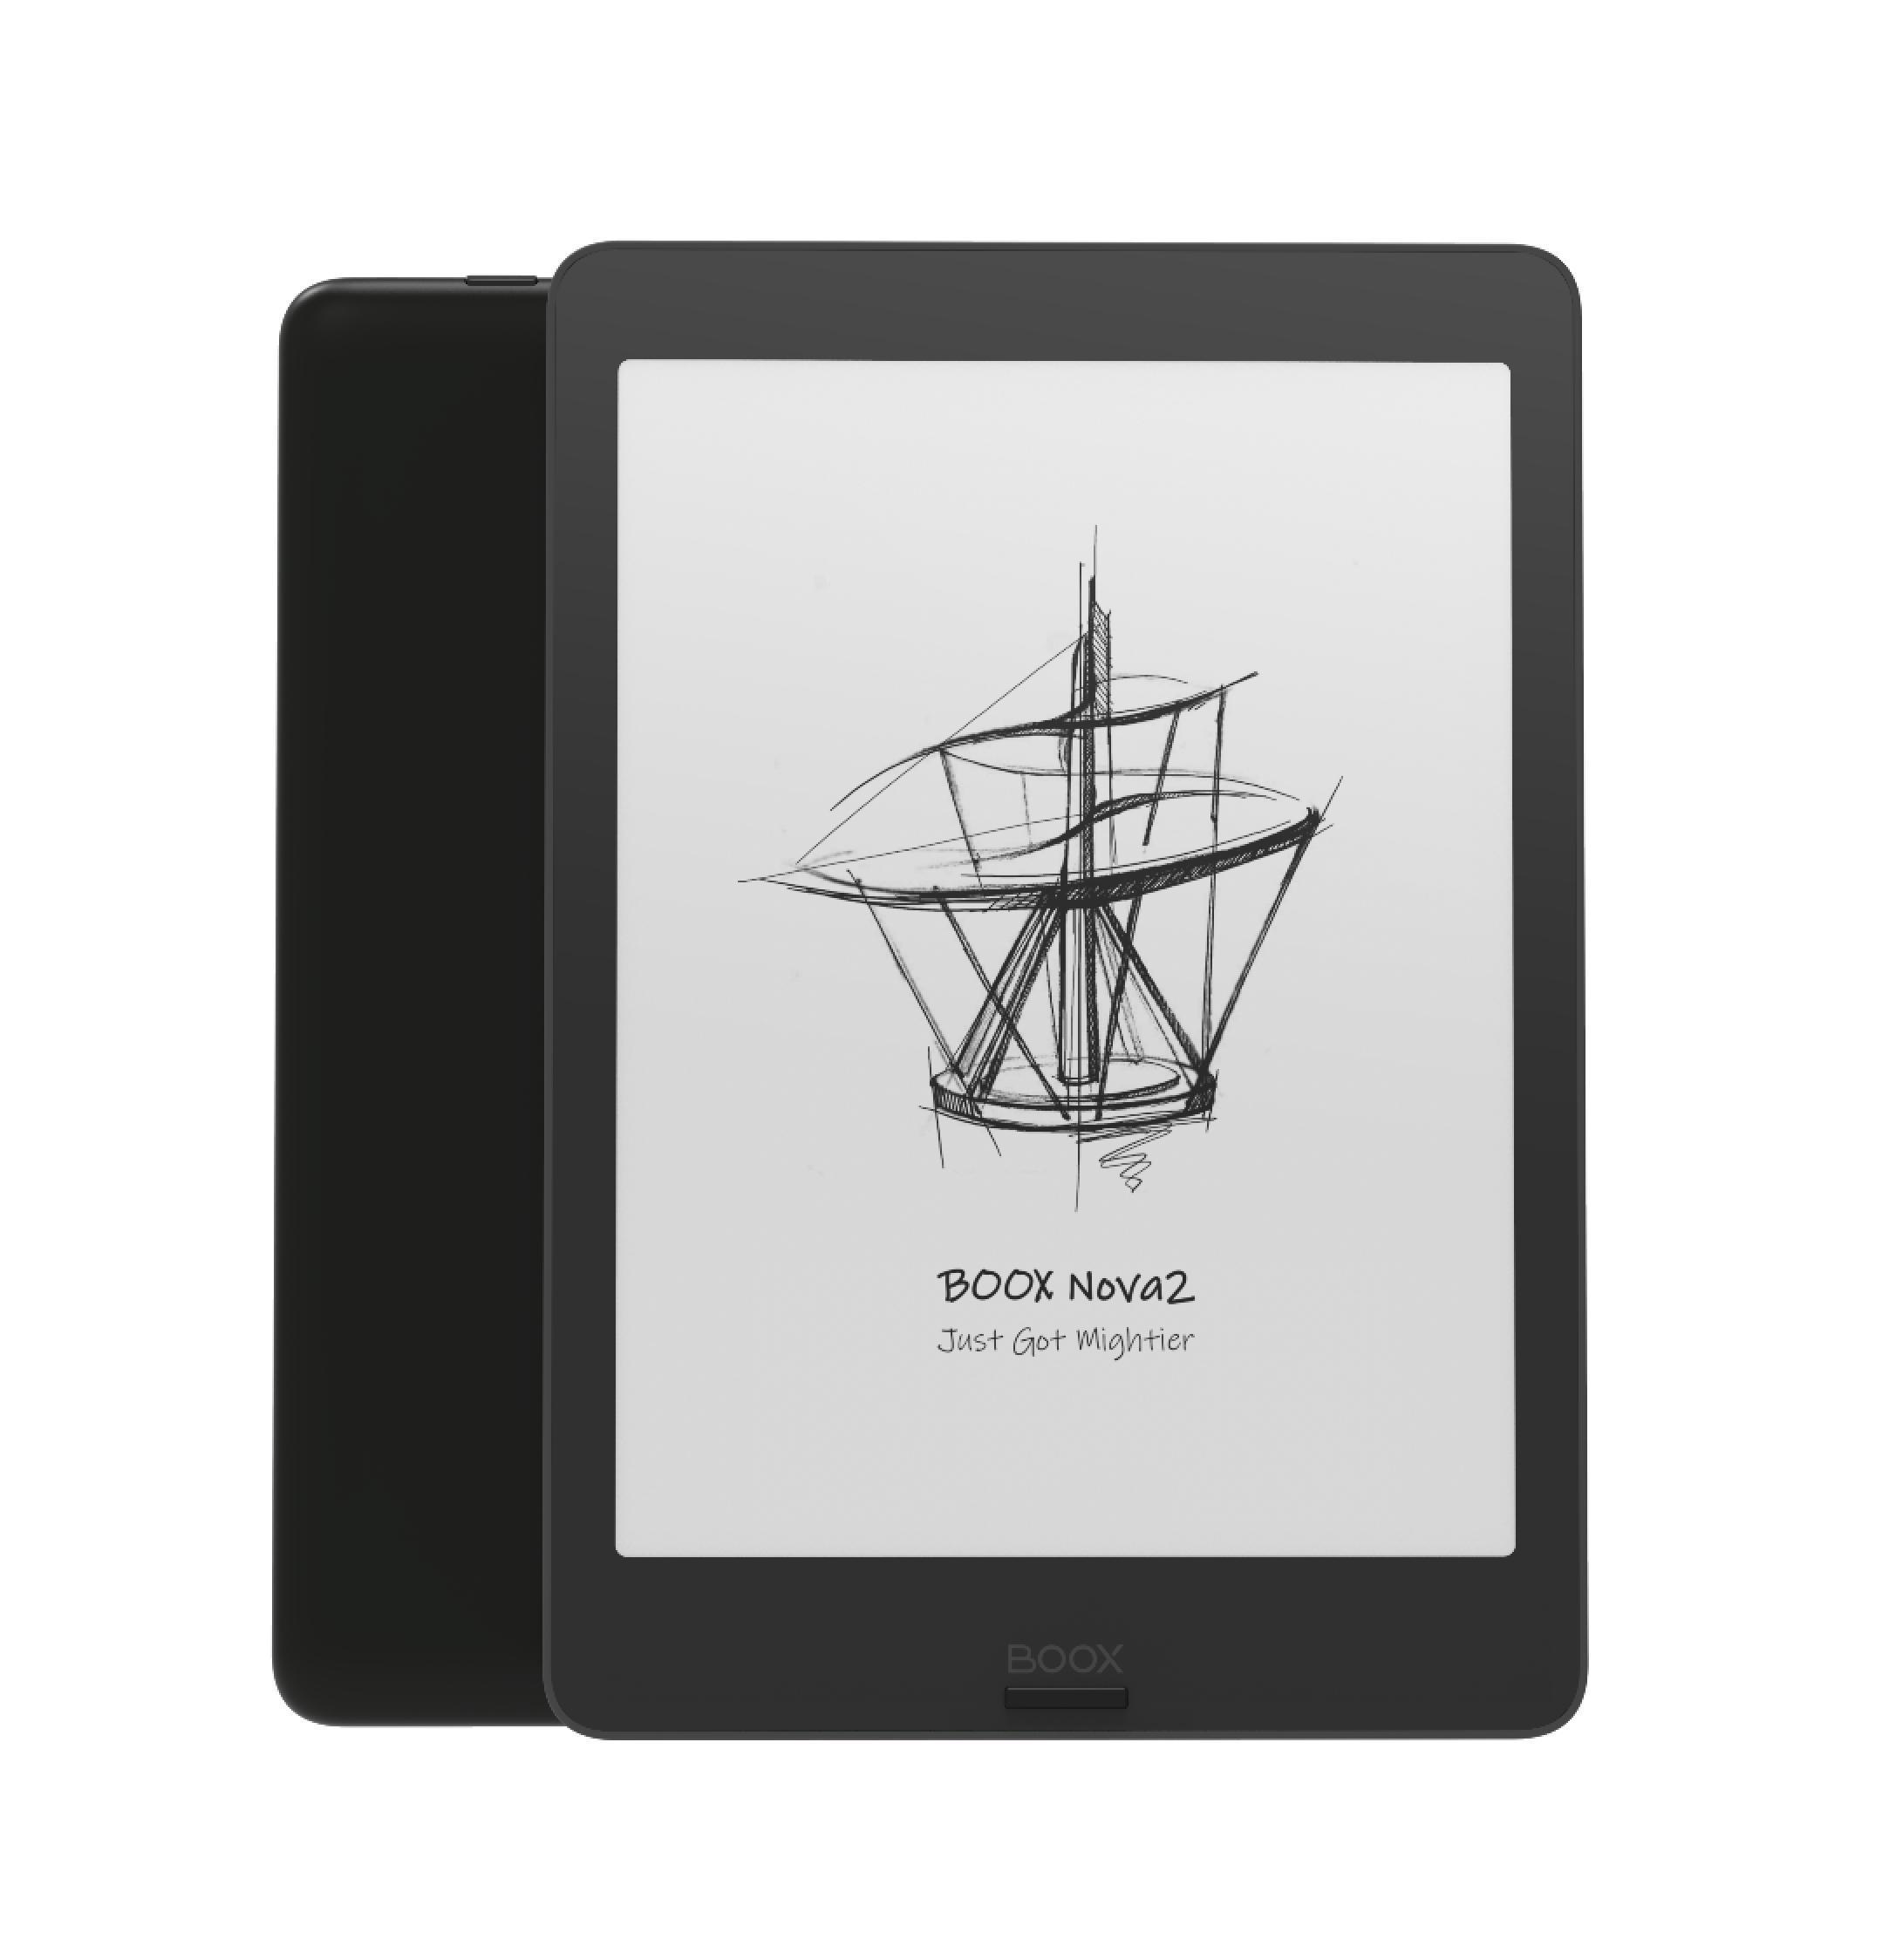 文石BOOX发布7.8英寸手写电纸书Nova2售价2280元